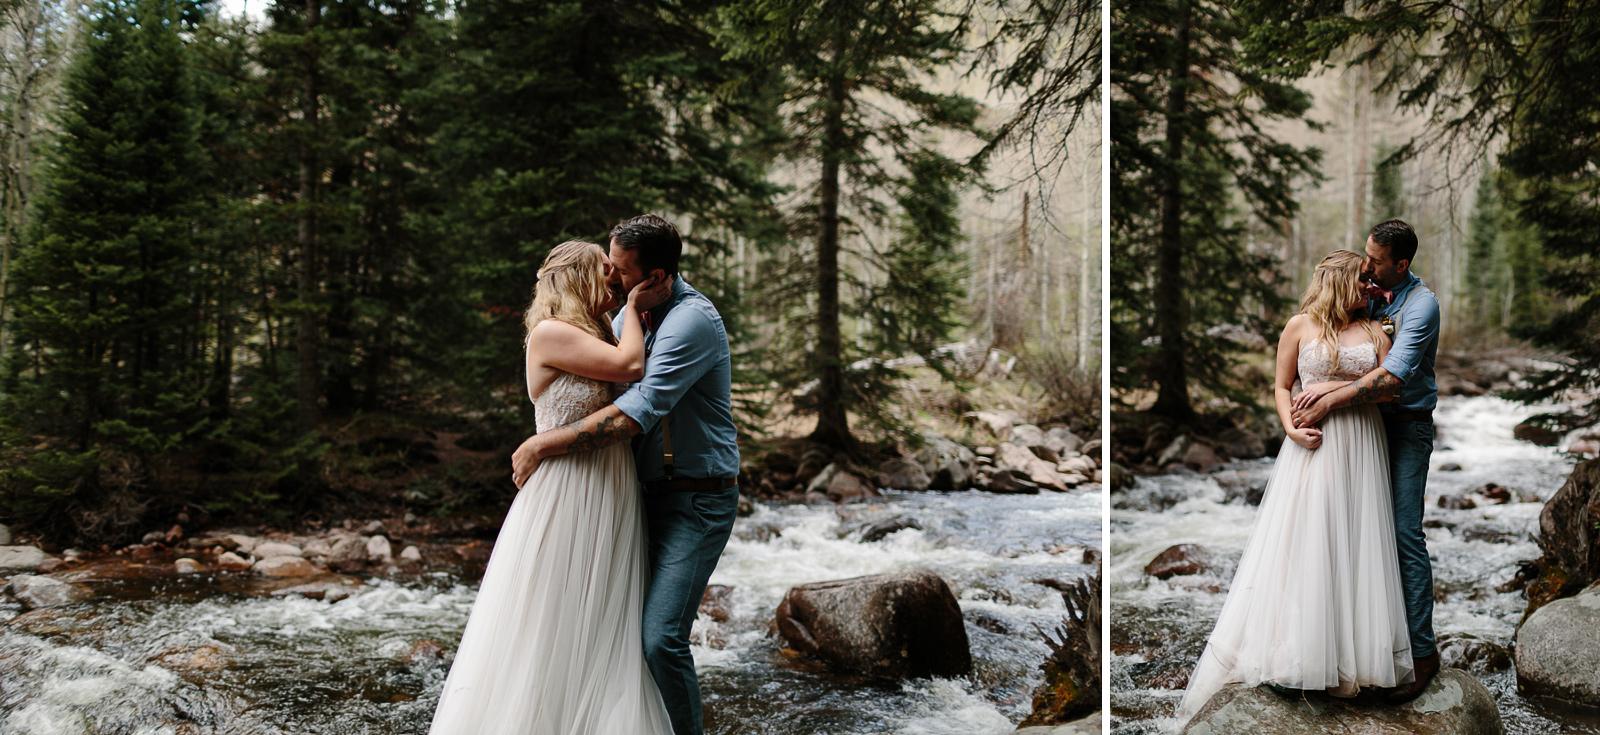 072-vail-elopement-photographer-chris-and-tara.jpg